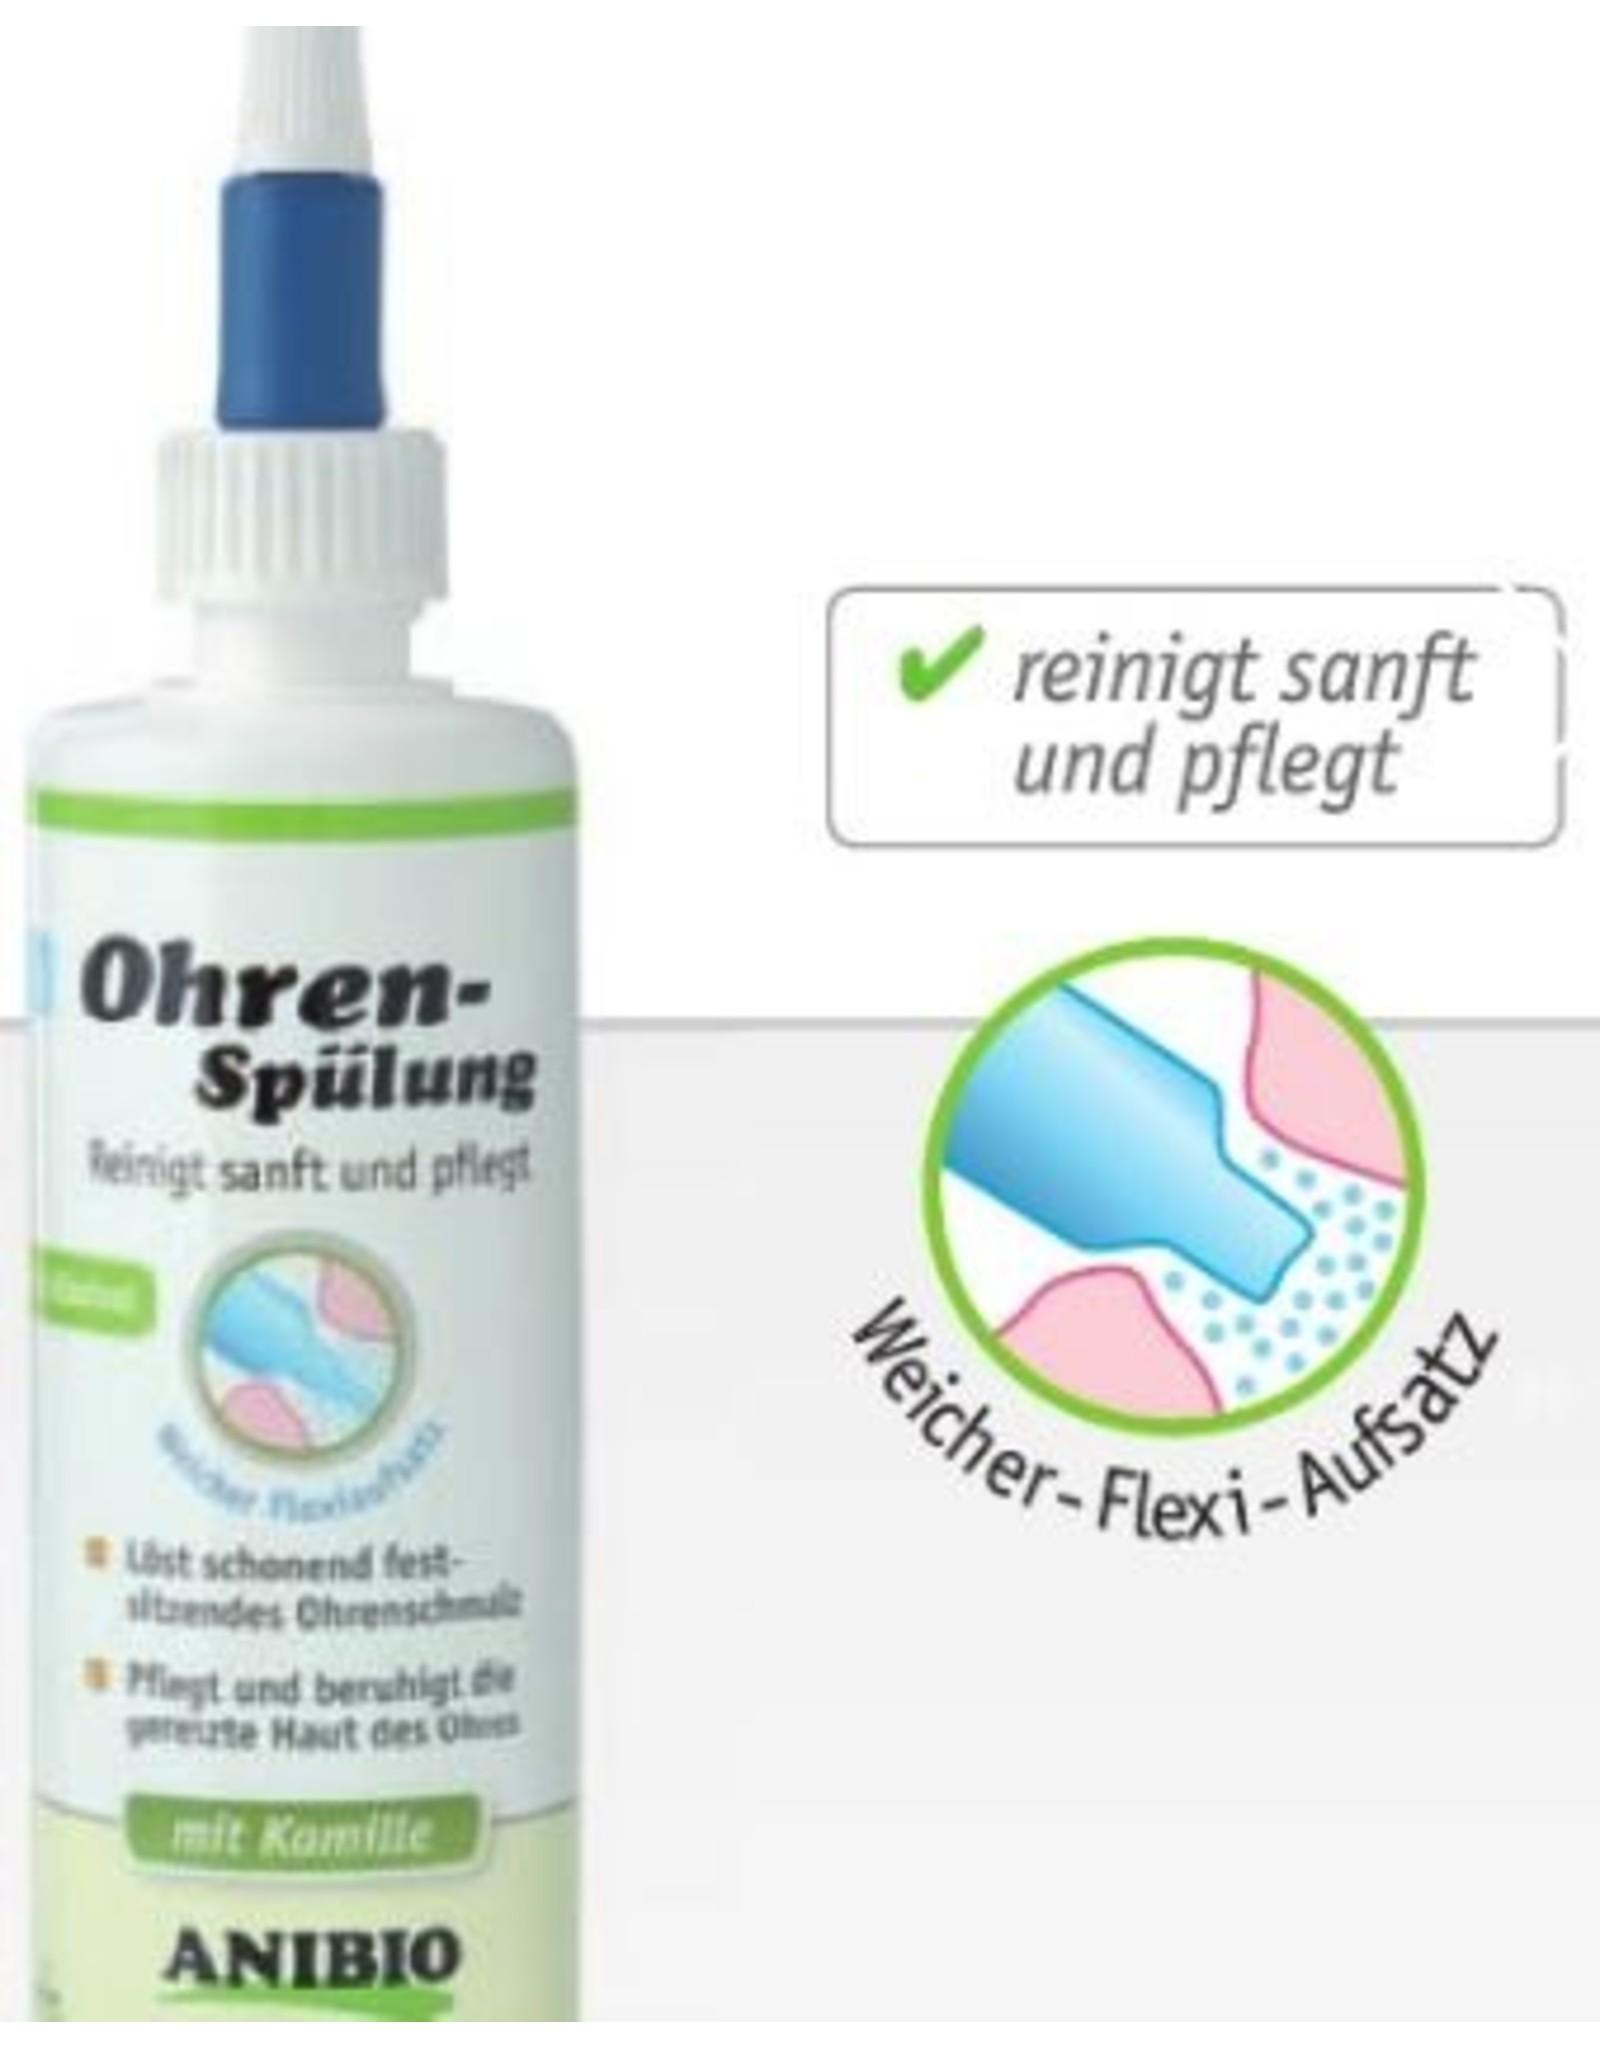 Anibio Ohren Pflege / Spülung